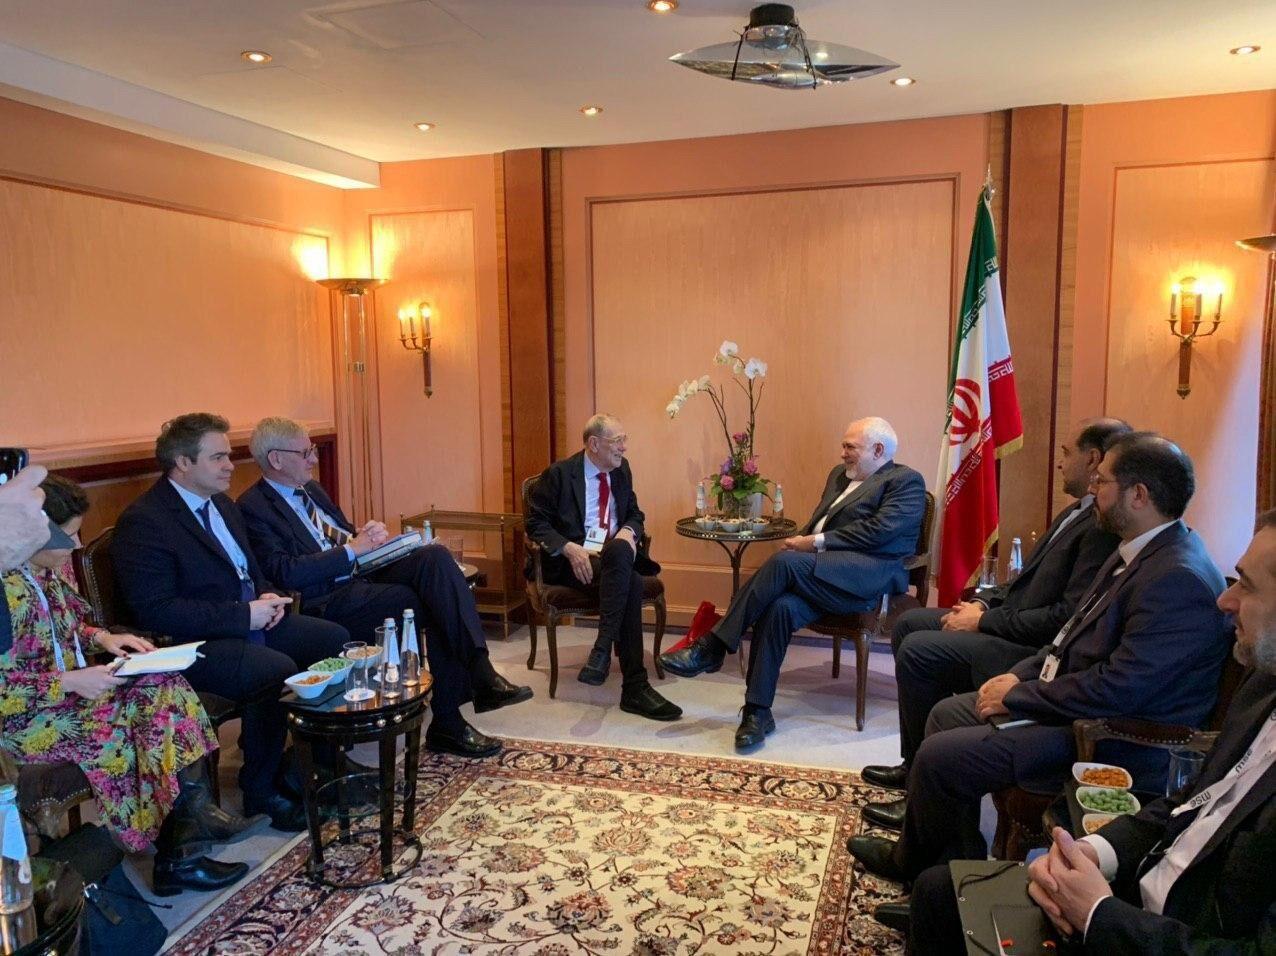 ظريف يلتقي اعضاء لجنة العلاقات الخارجية في الاتحاد الاوروبي